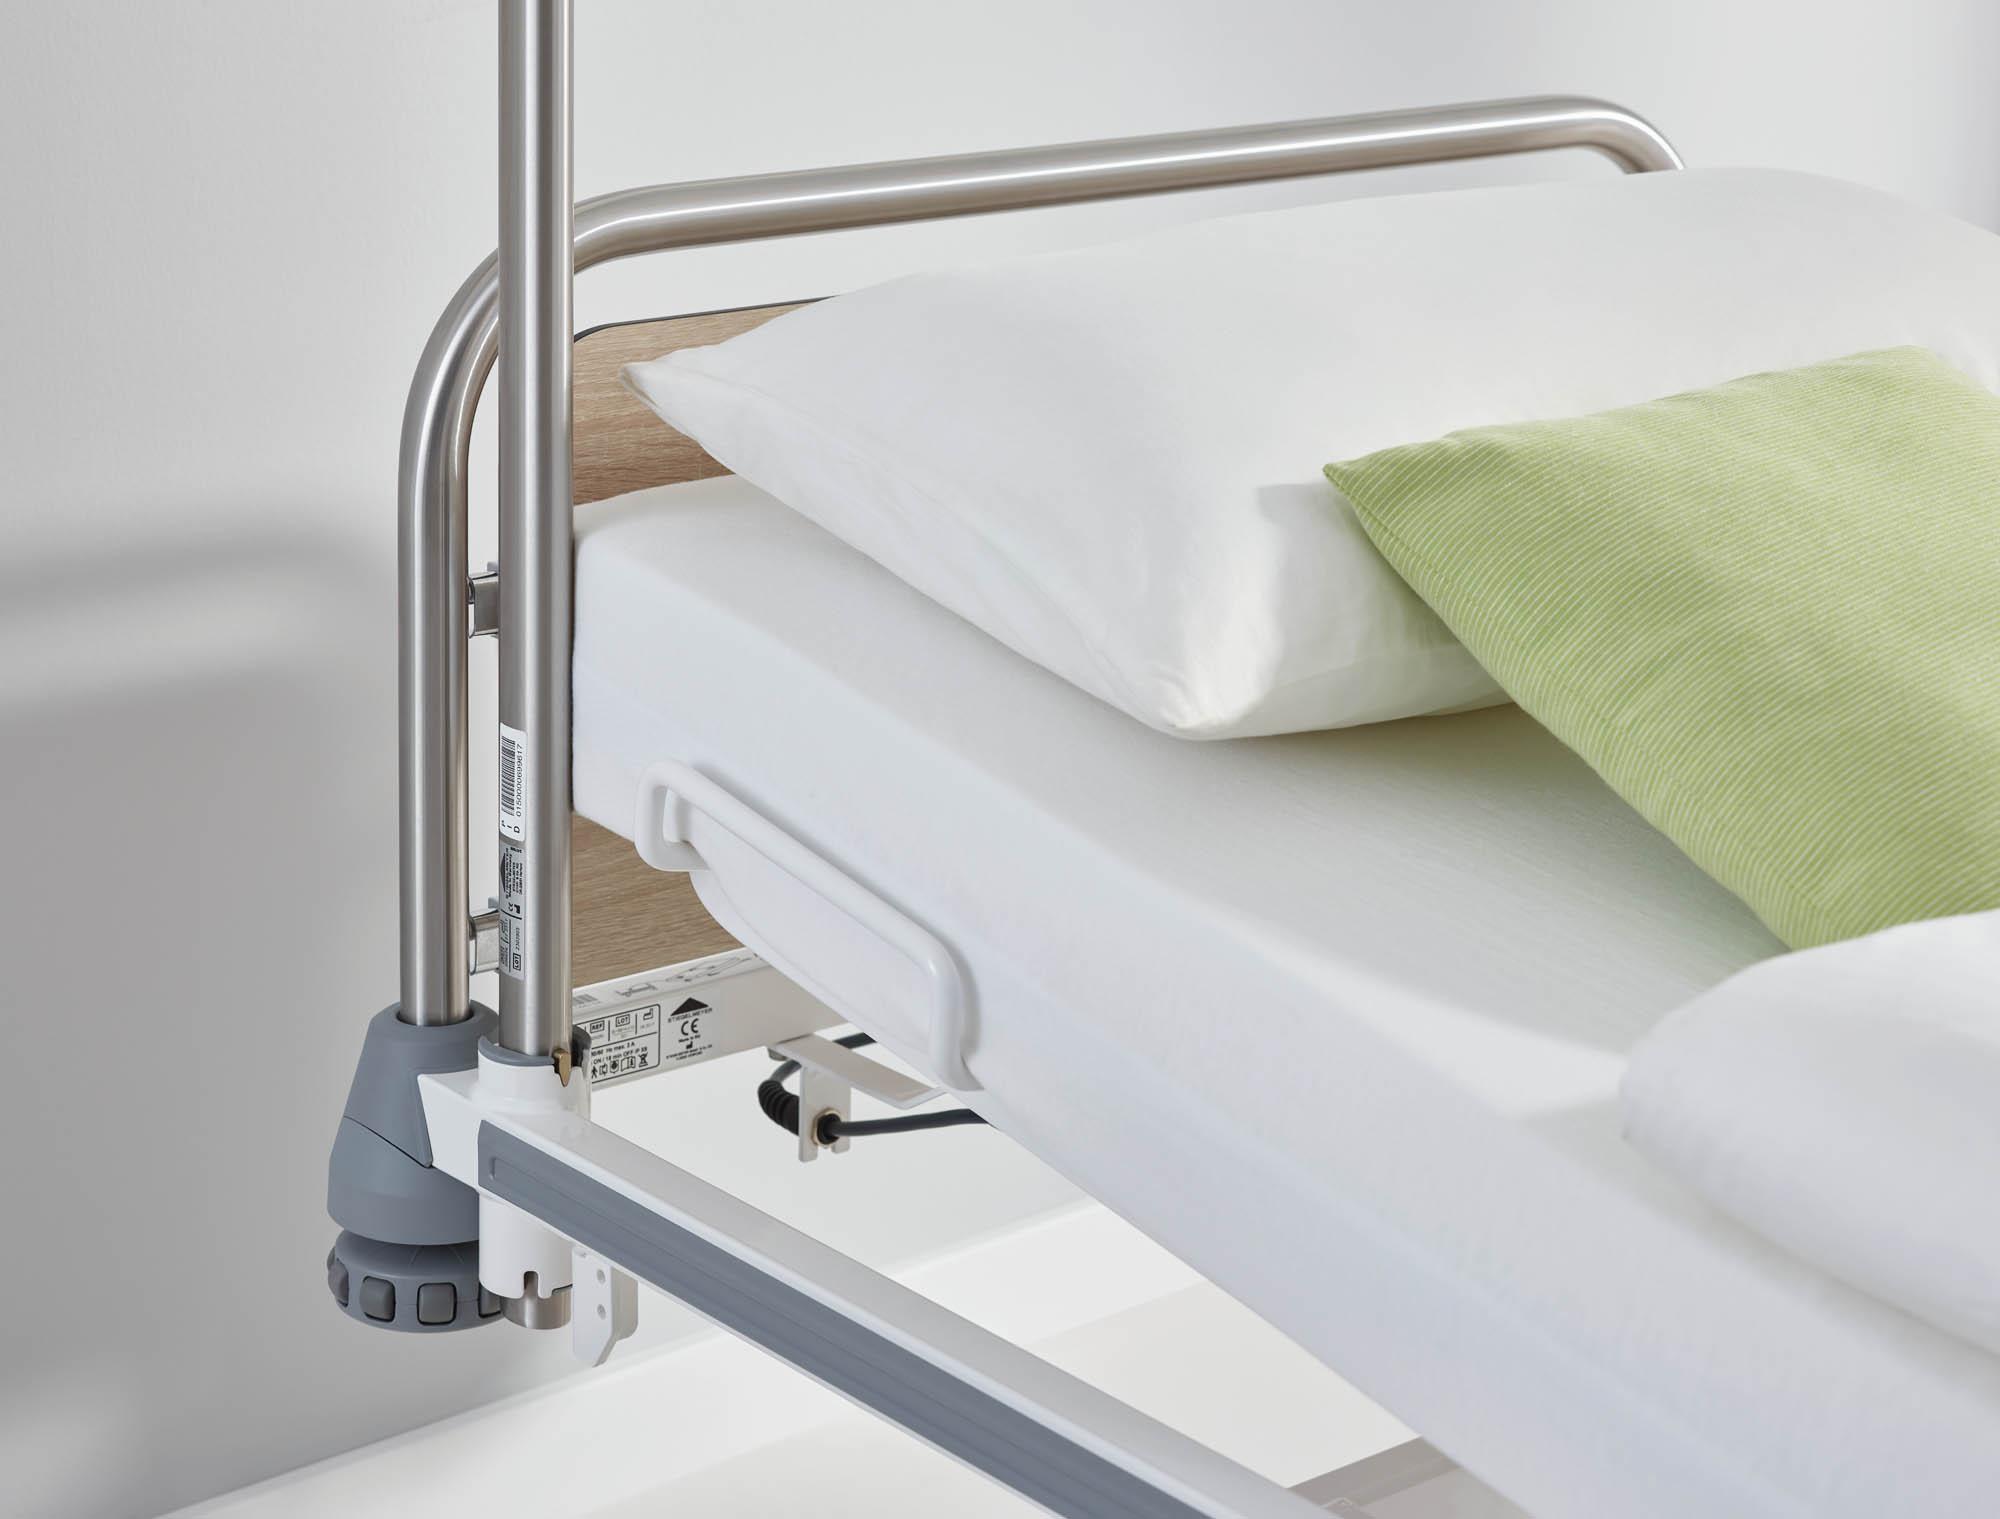 Der Aufrichter kann einfach kopfseitig rechts oder links in die Aufnahmevorrichtungen des Bettes einsteckt werden.